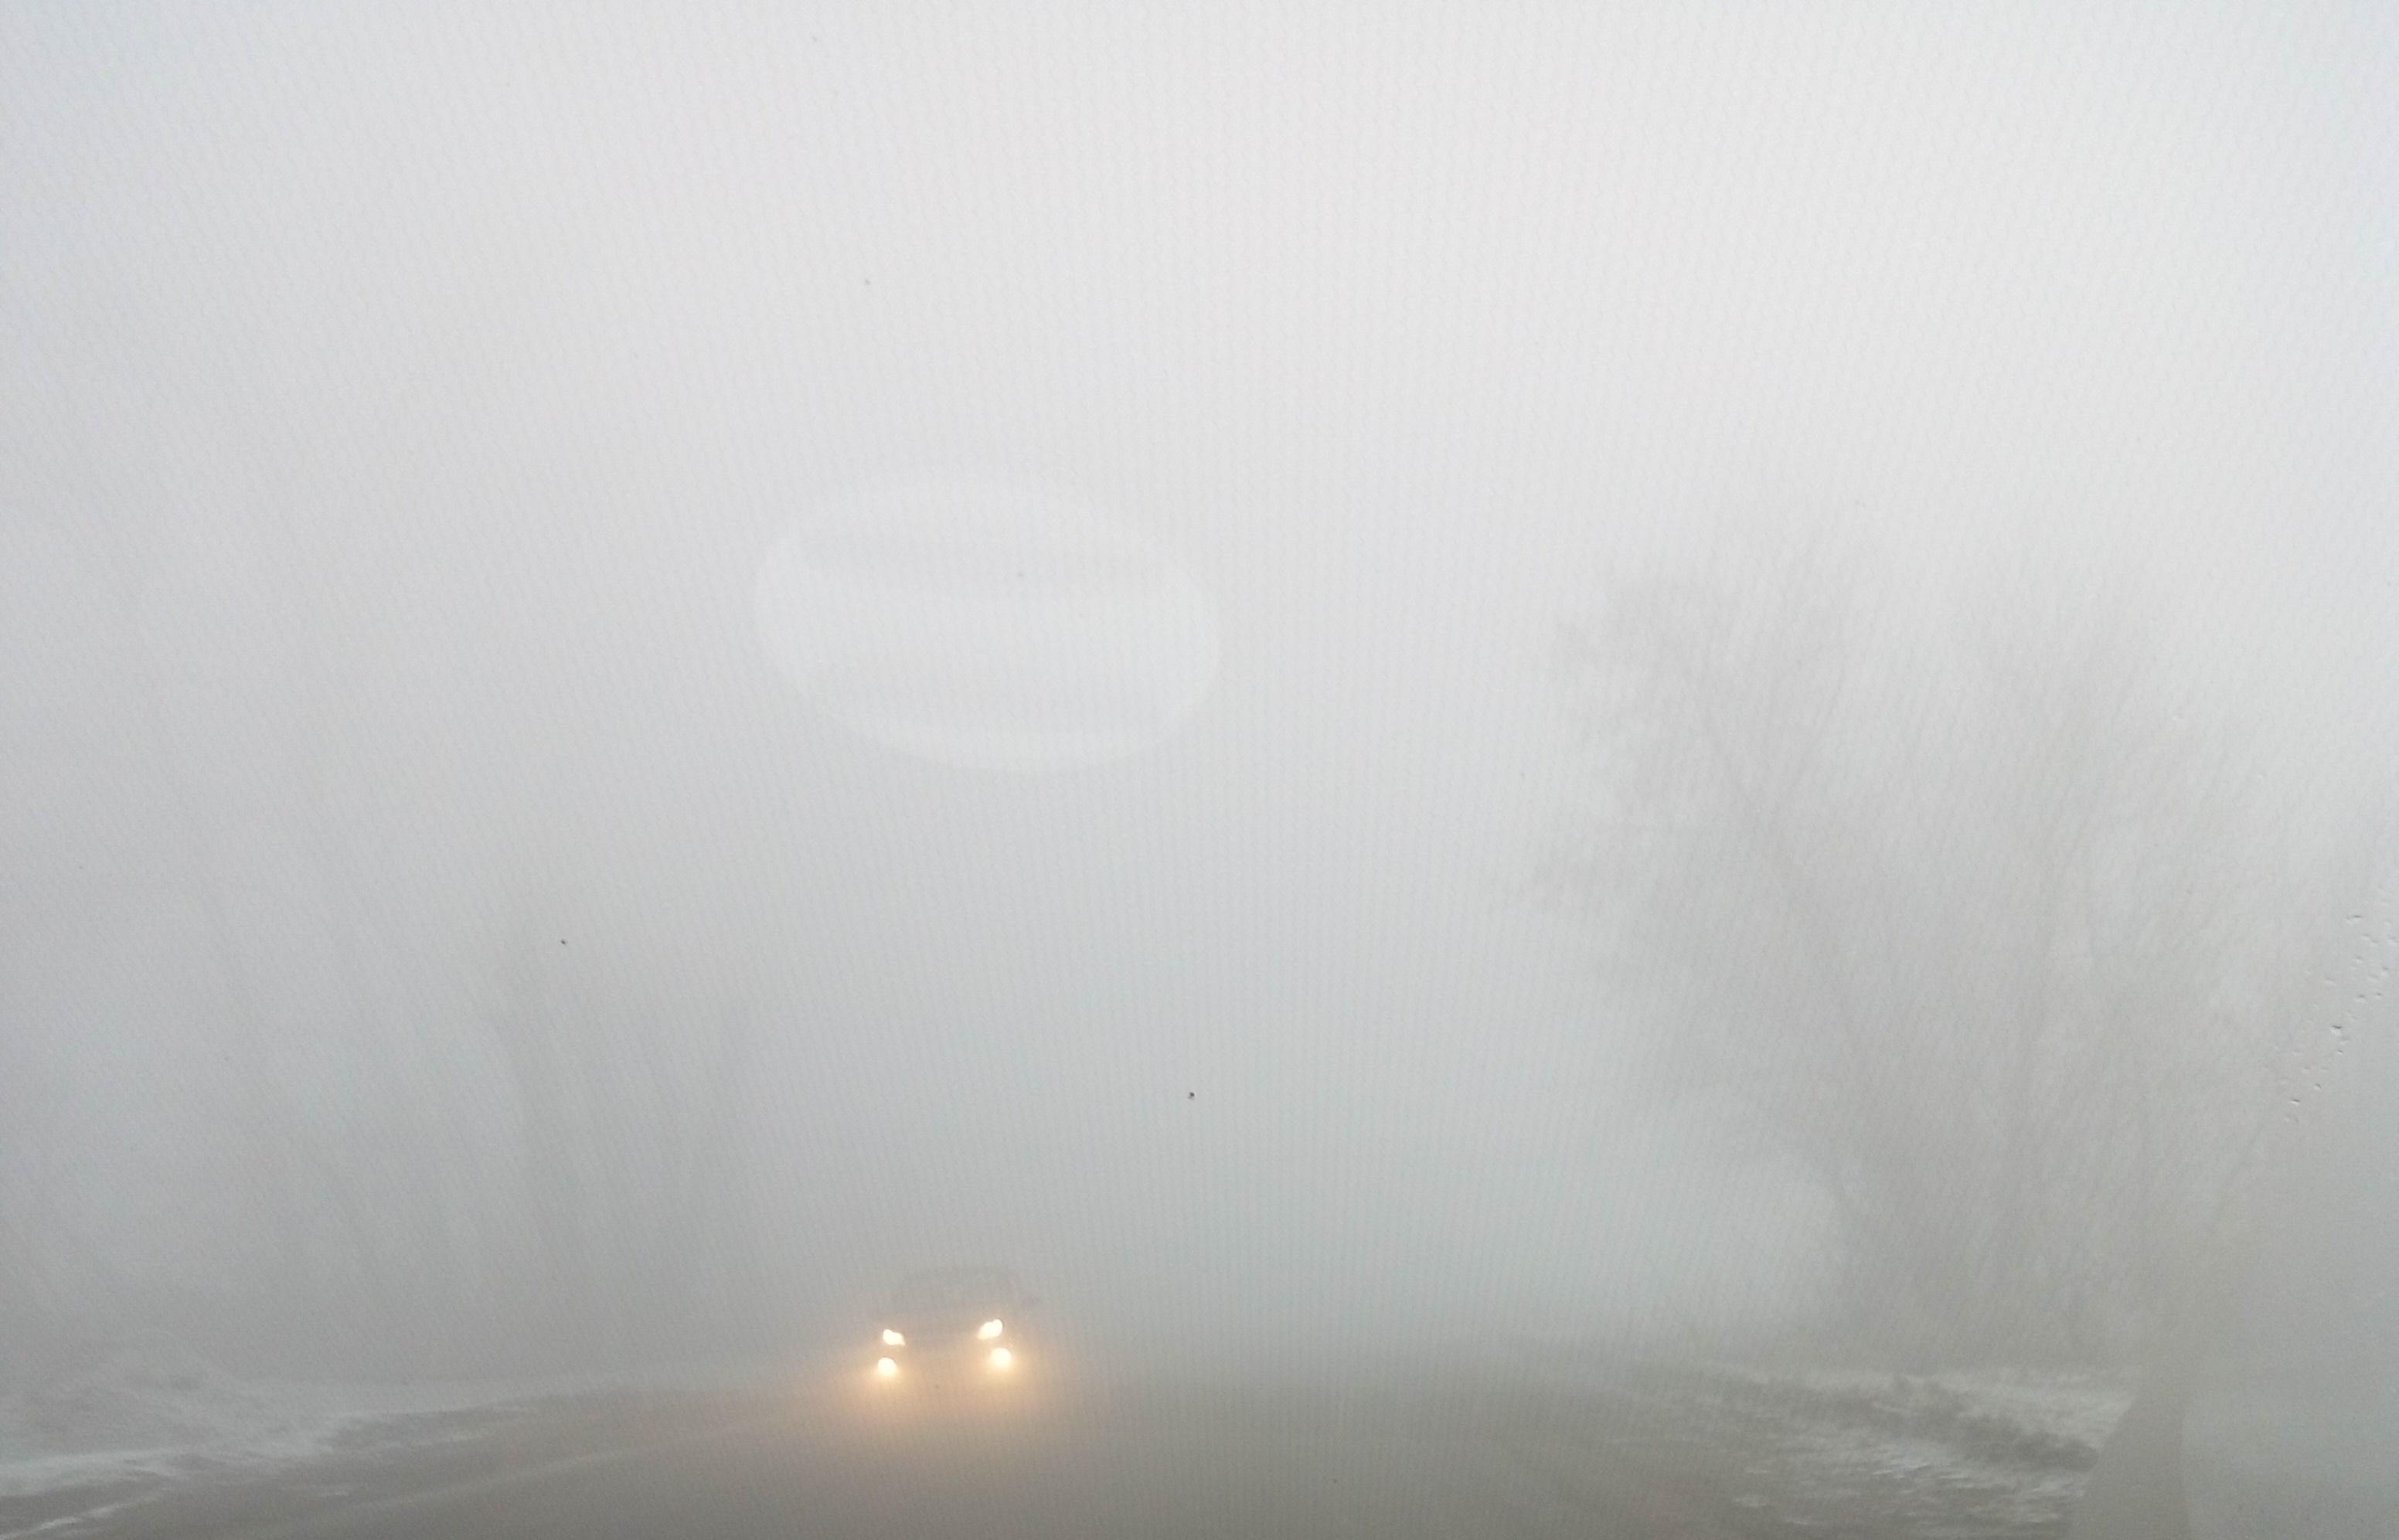 Туман закрыл Челябинск для московского рейса и увел самолет из Санкт-Петербурга на запасной аэрод